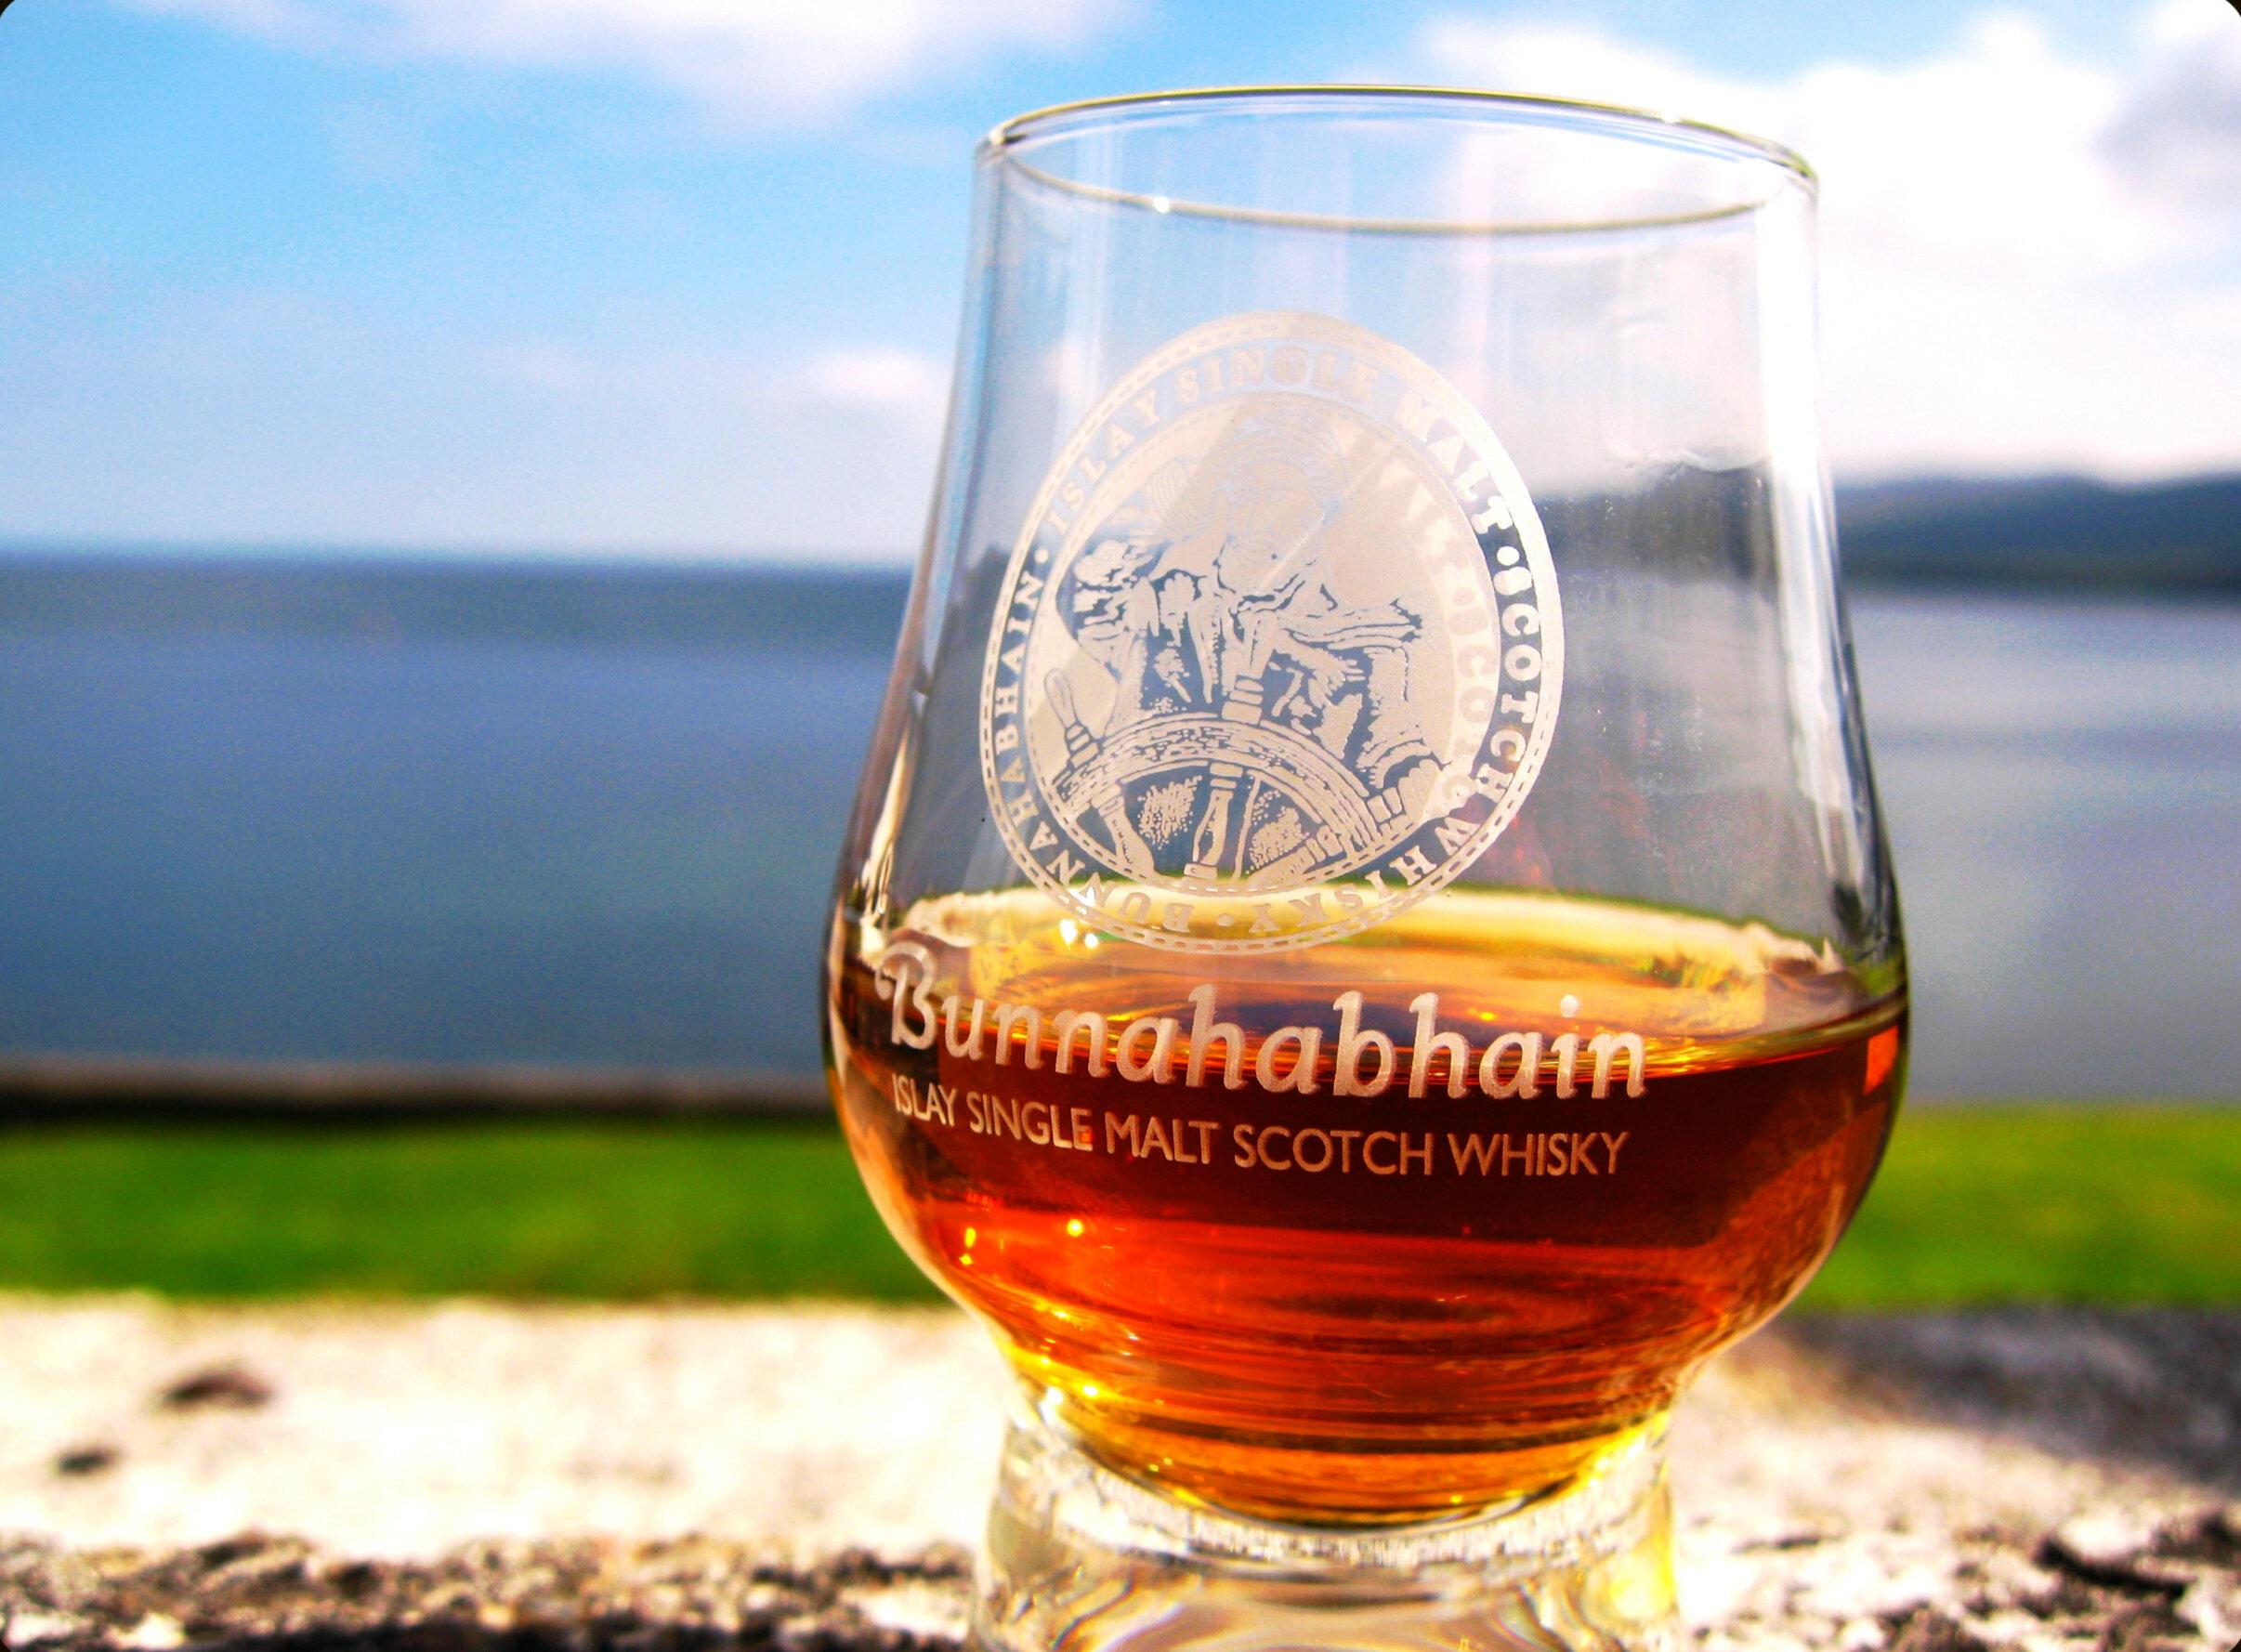 Islay single malt whisky